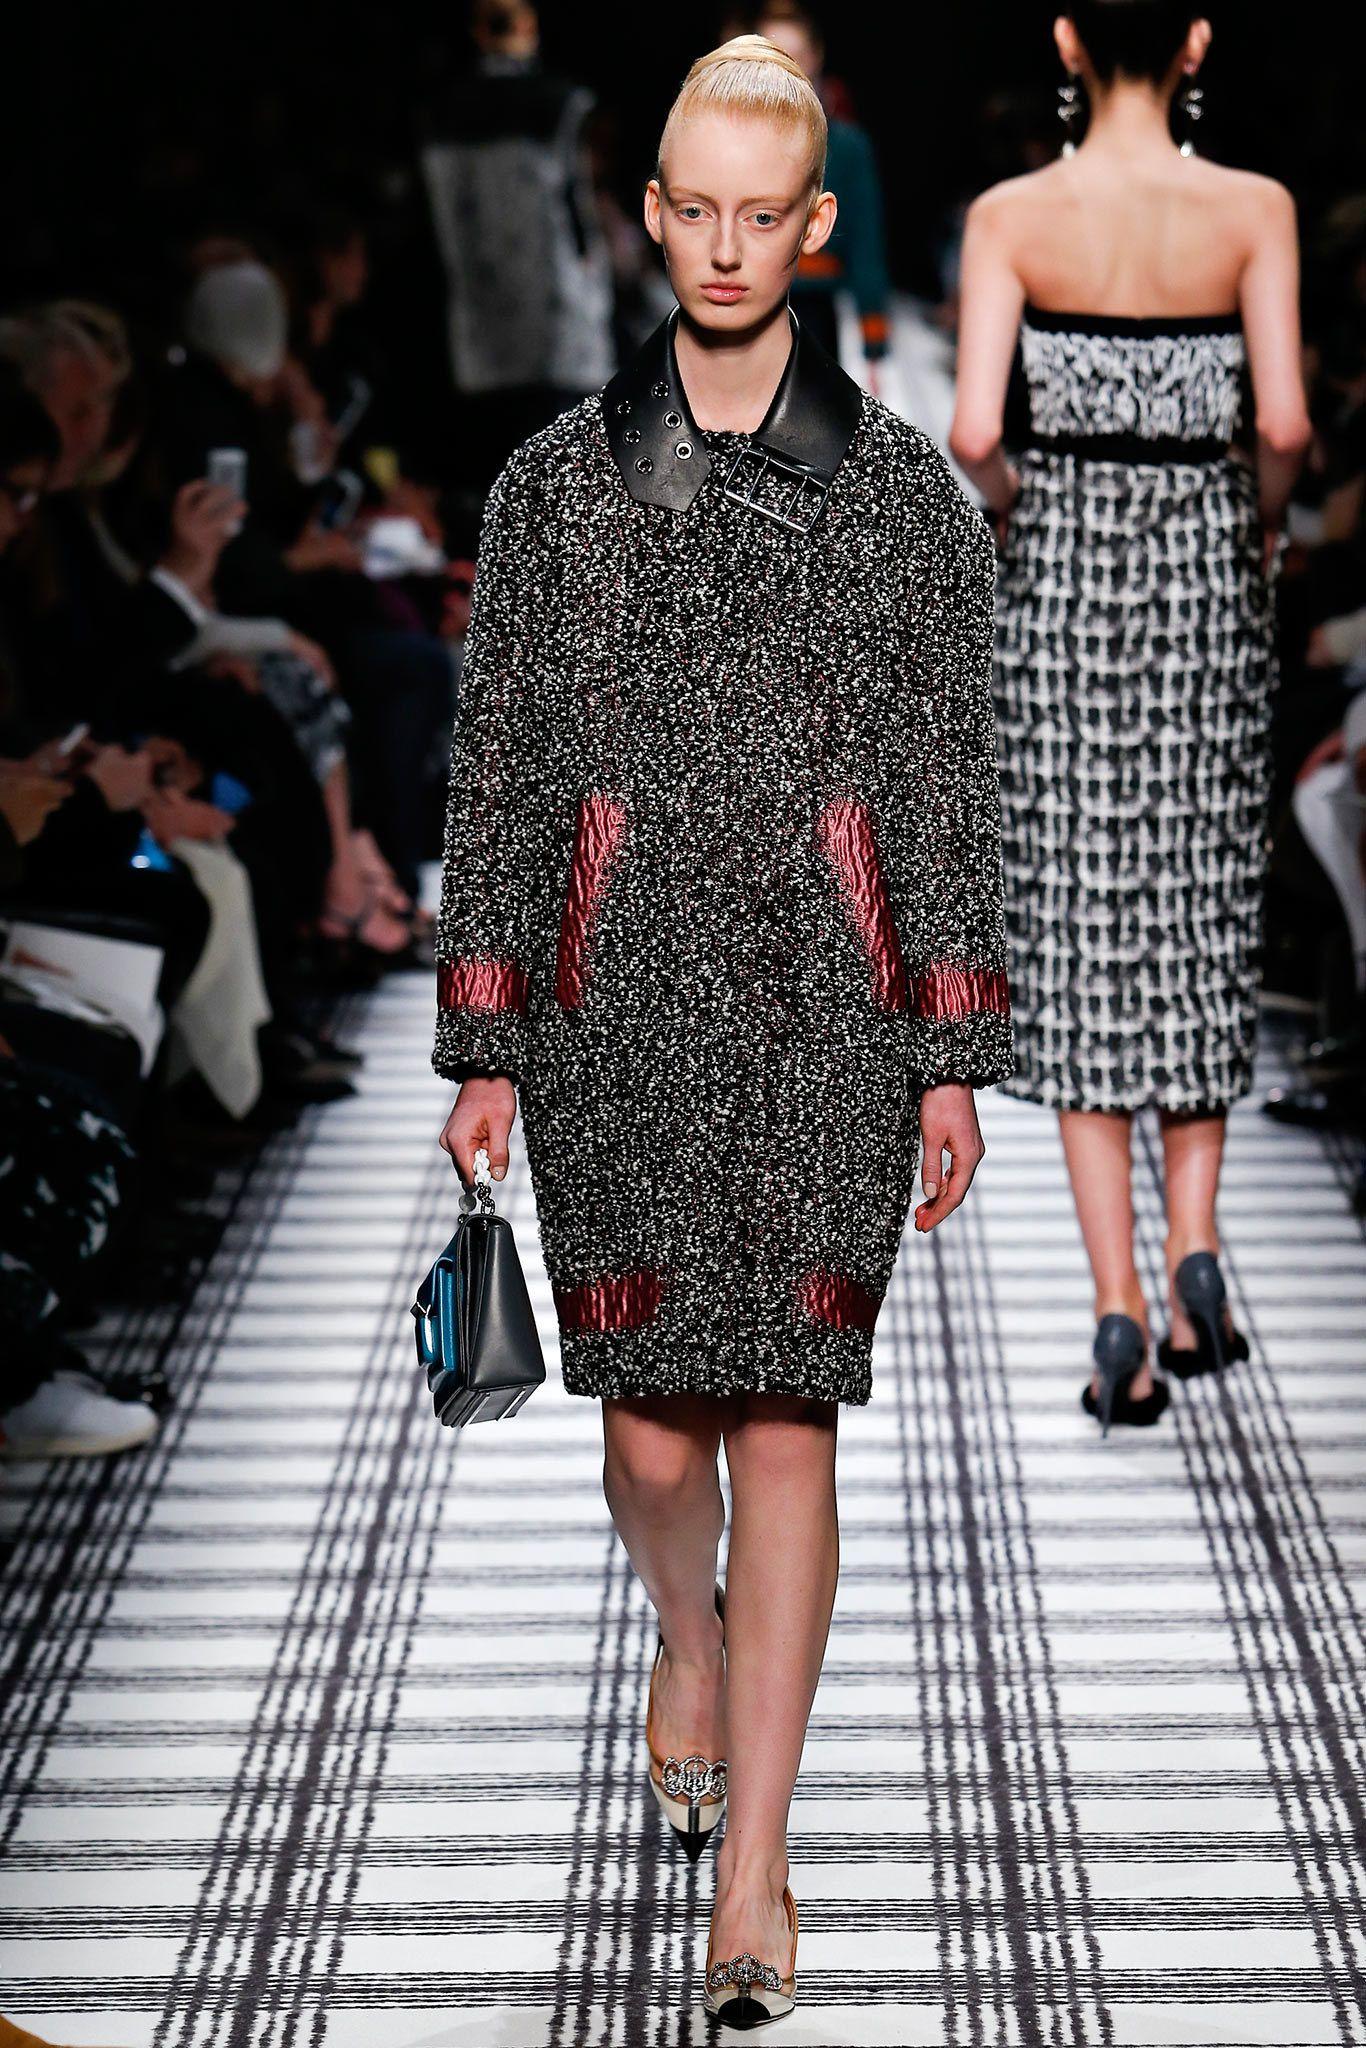 Balenciaga Fall 2015 Ready-to-Wear Collection Photos - Vogue